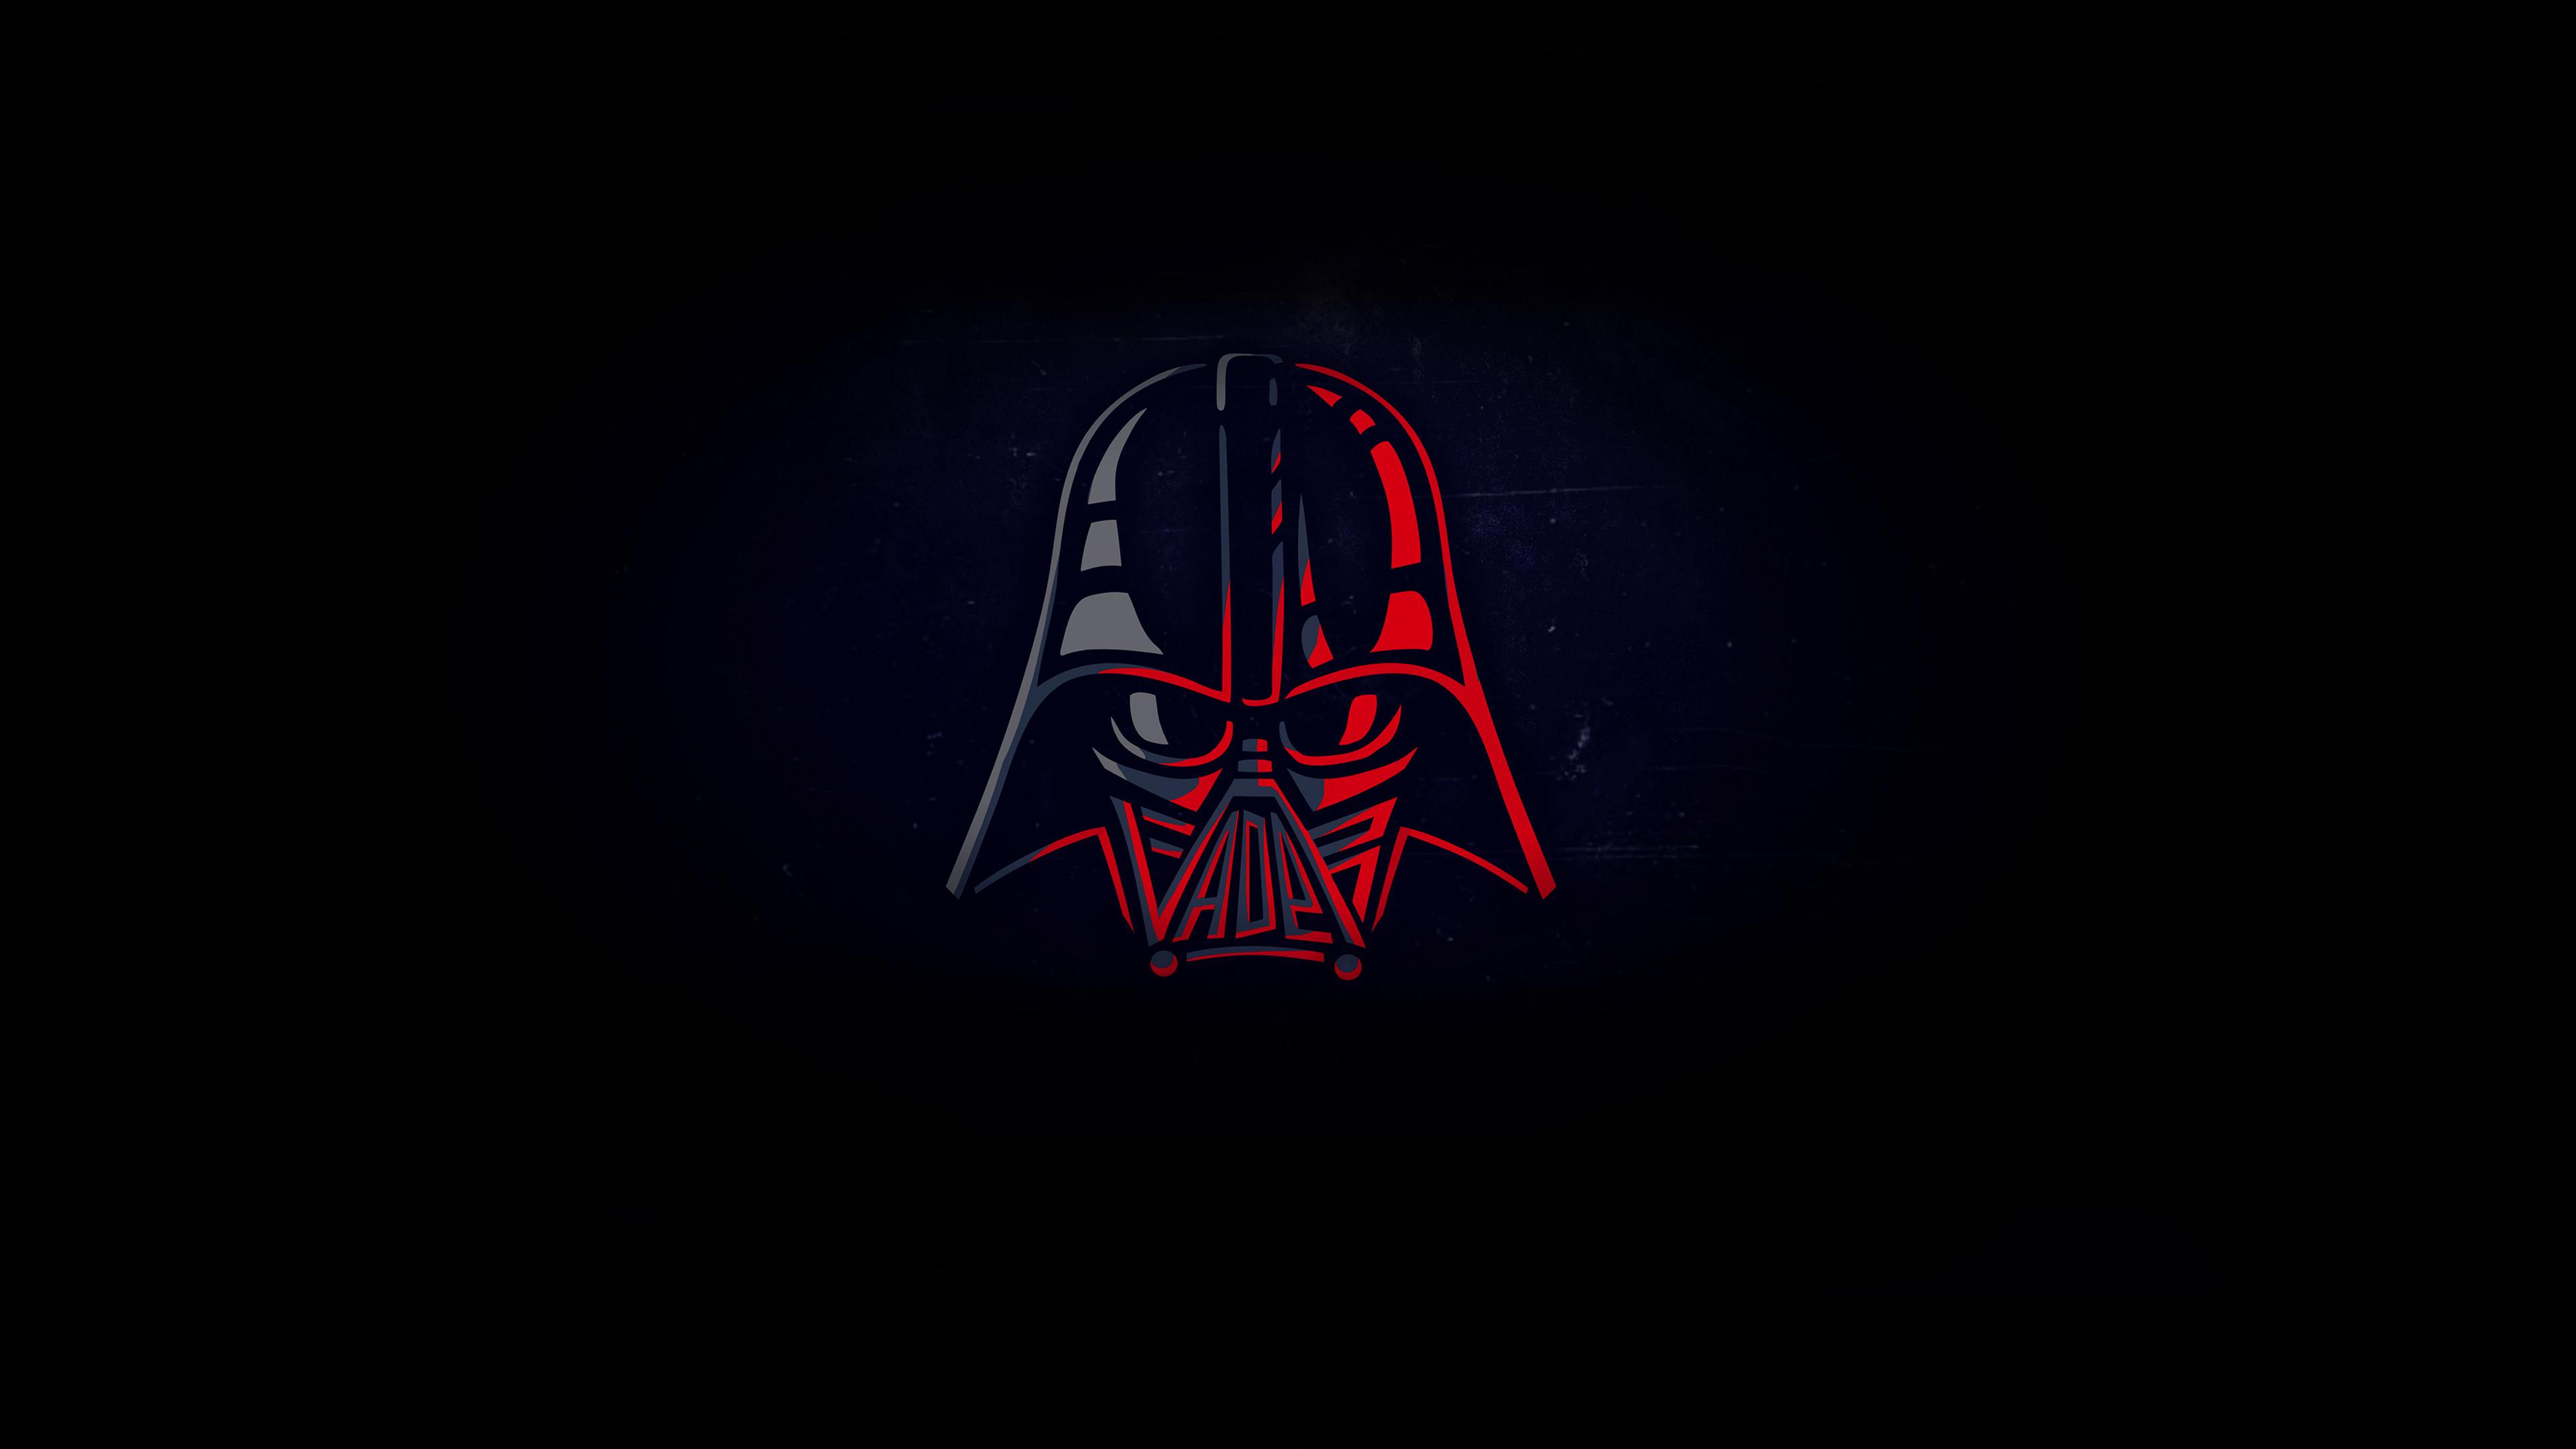 Wallpaper 4k Darth Vader Minimal 4k 4k Wallpapers Artist Wallpapers Artwork Wallpapers Behance Wallpapers Darth Vader Wallpapers Digital Art Wallpapers Hd Wallpapers Minimalism Wallpapers Minimalist Wallpapers Star Wars Wallpapers